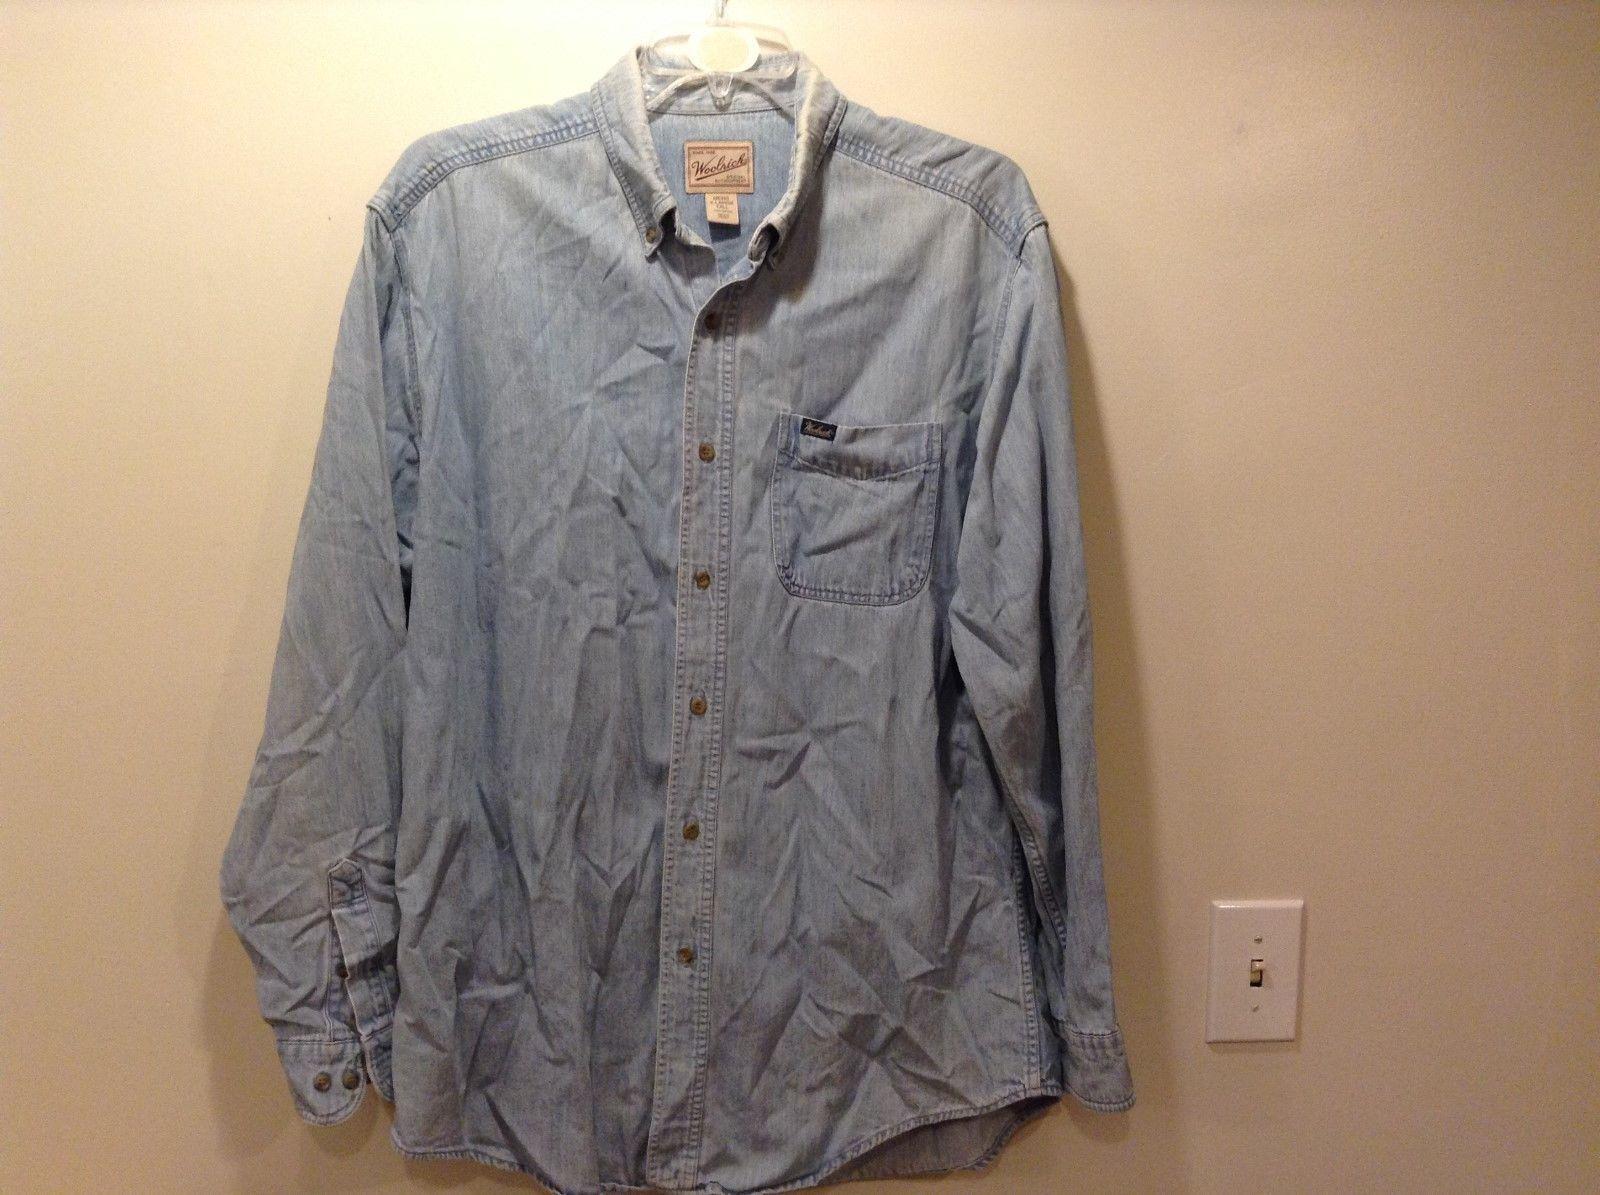 Woolrich Men's Lt Blue Button Up Collared Outdoor Wear Shirt Sz XL/Tall